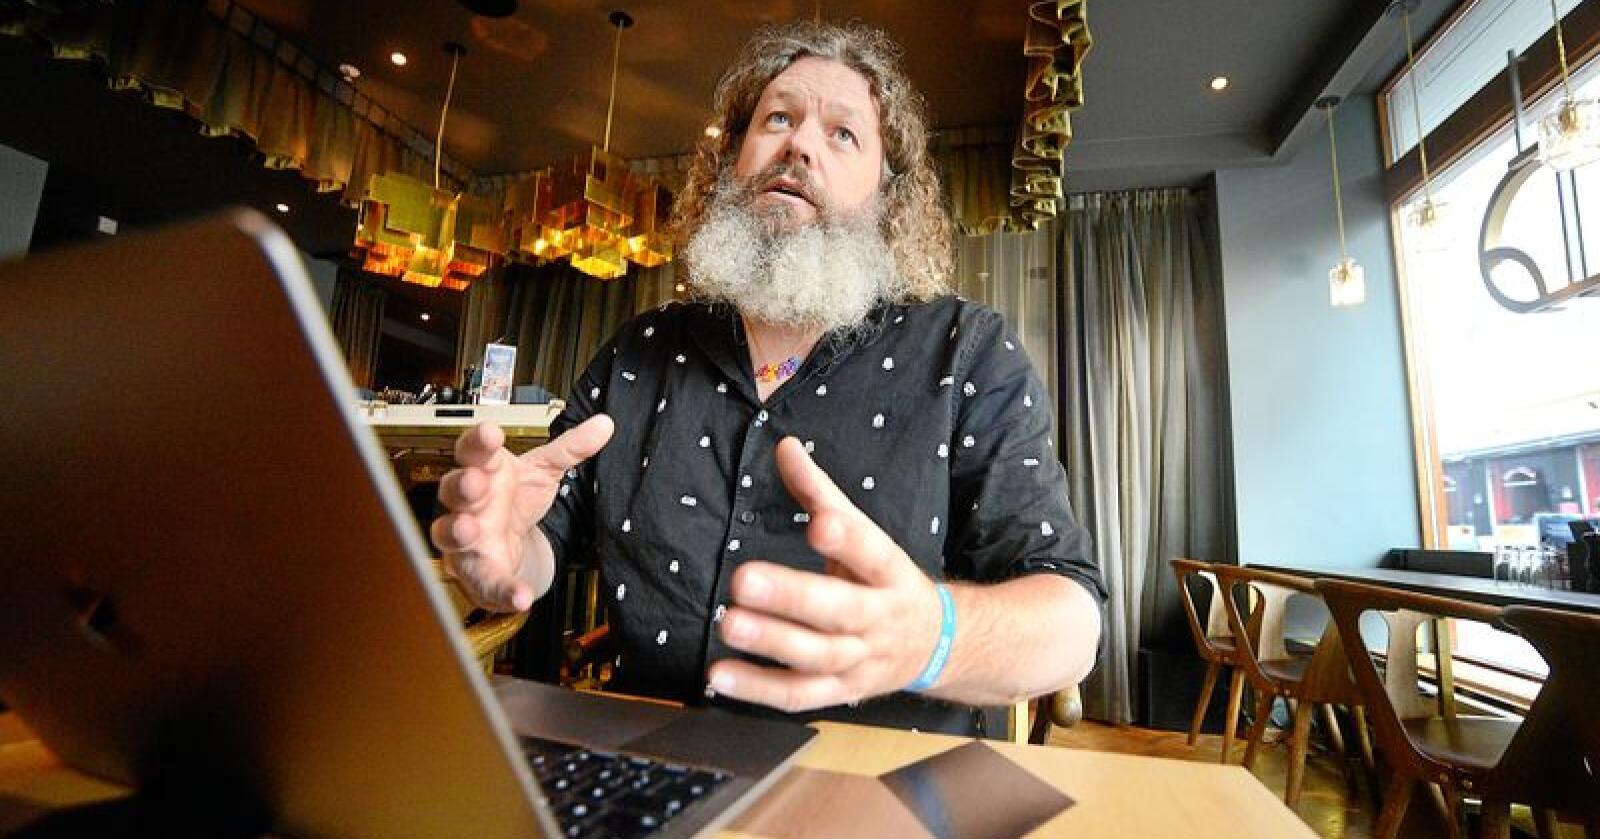 Torgeir Waterhouse, direktør for internett og nye medium i IKT Norge er viss på at breiband blir diskutert under regjeringsforhandlingane. Men han er usikker på om ambisjonane er på det nivået han mener dei bør liggje. Foto: Siri Juell Rasmussen